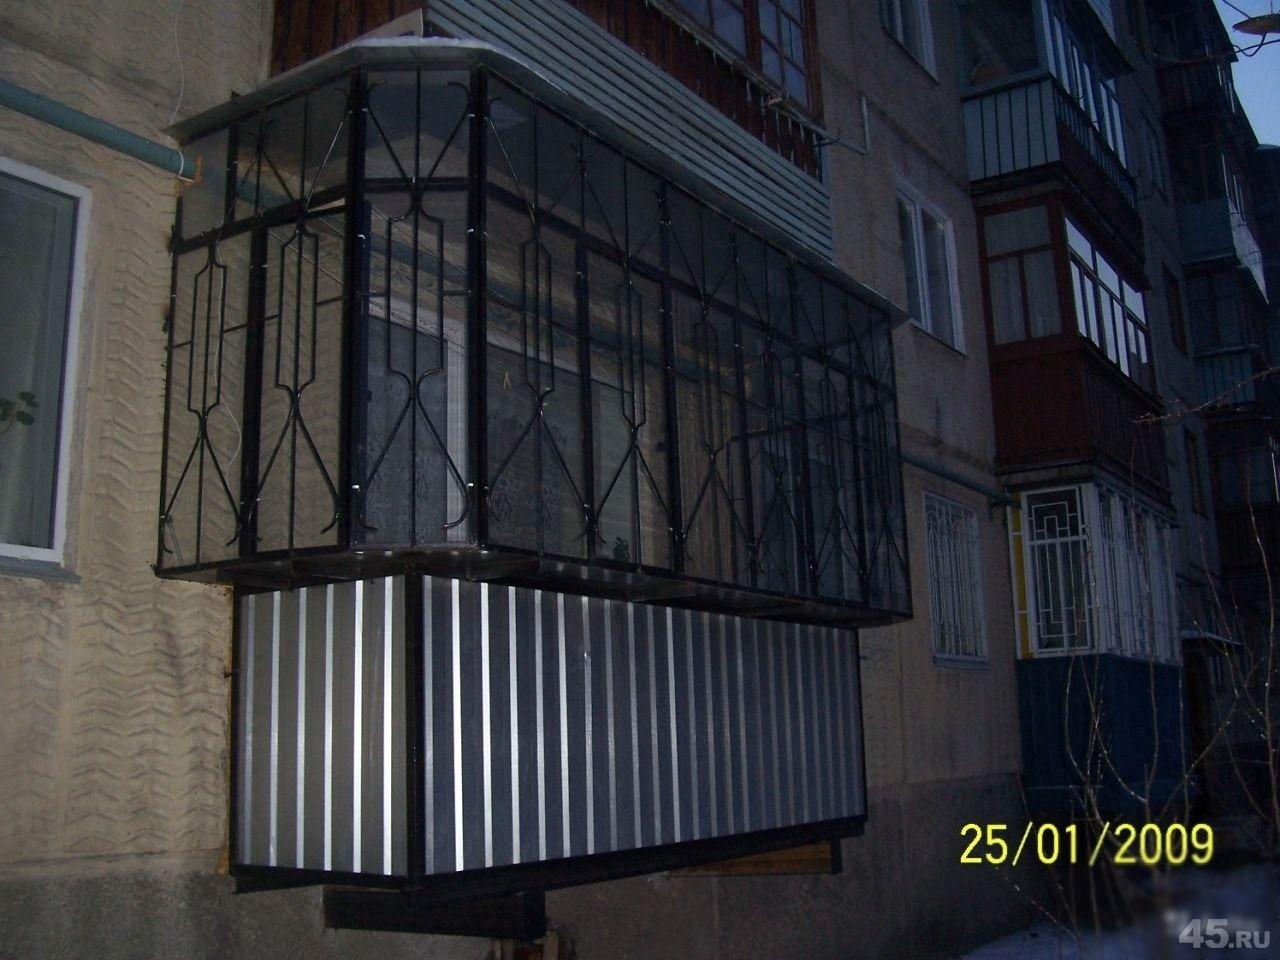 Металлические балконы в Челябинске. с выносом и без, решетки.